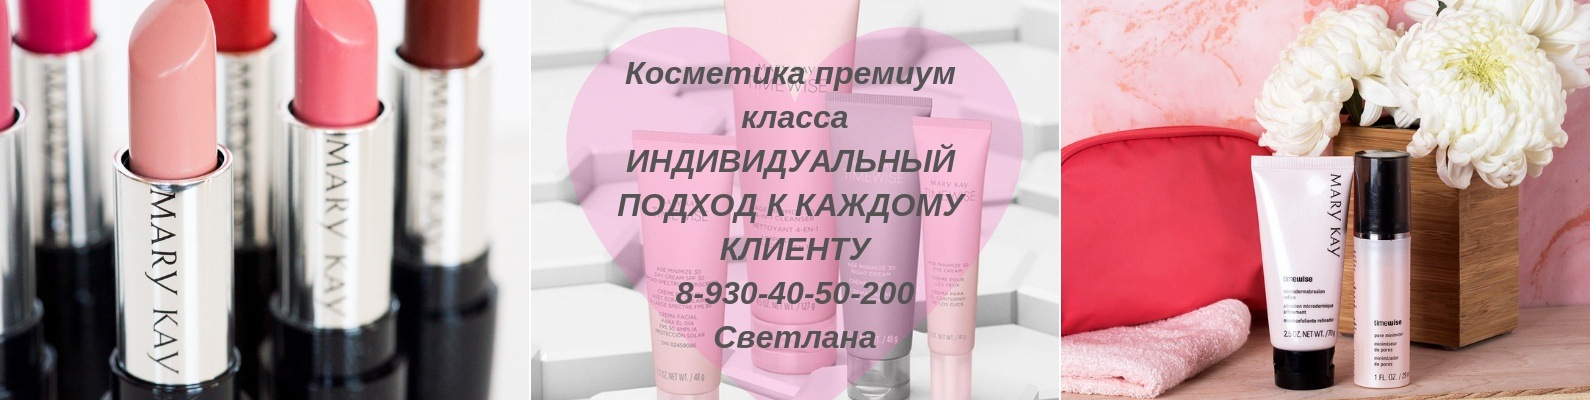 Косметика мери кей купить в воронеже косметика dr jart купить в москве